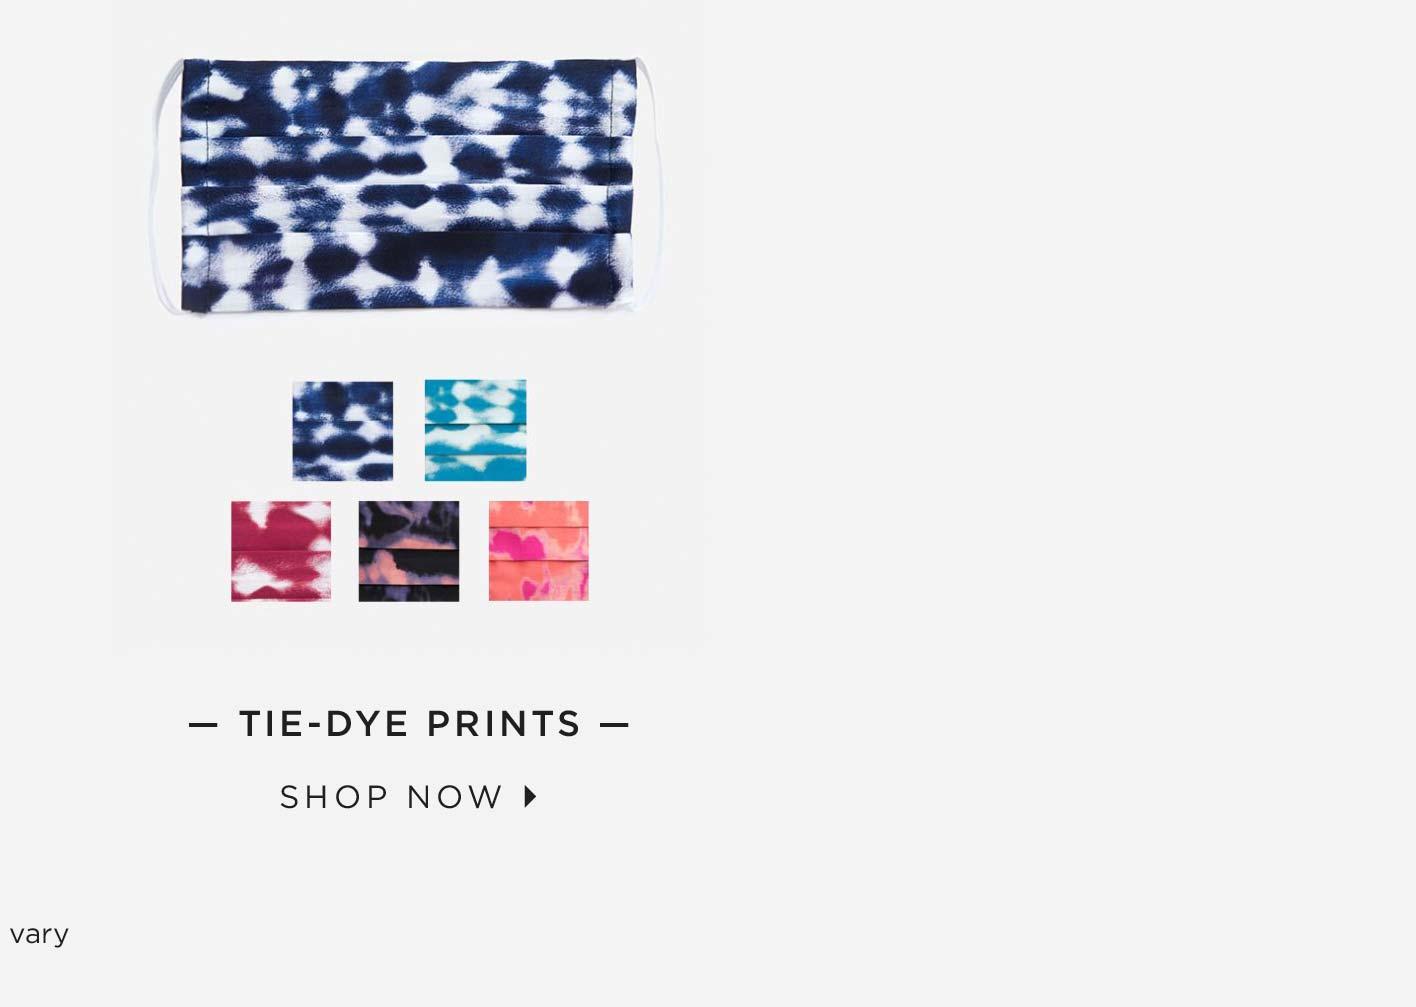 Tie-dye Prints — Shop Now